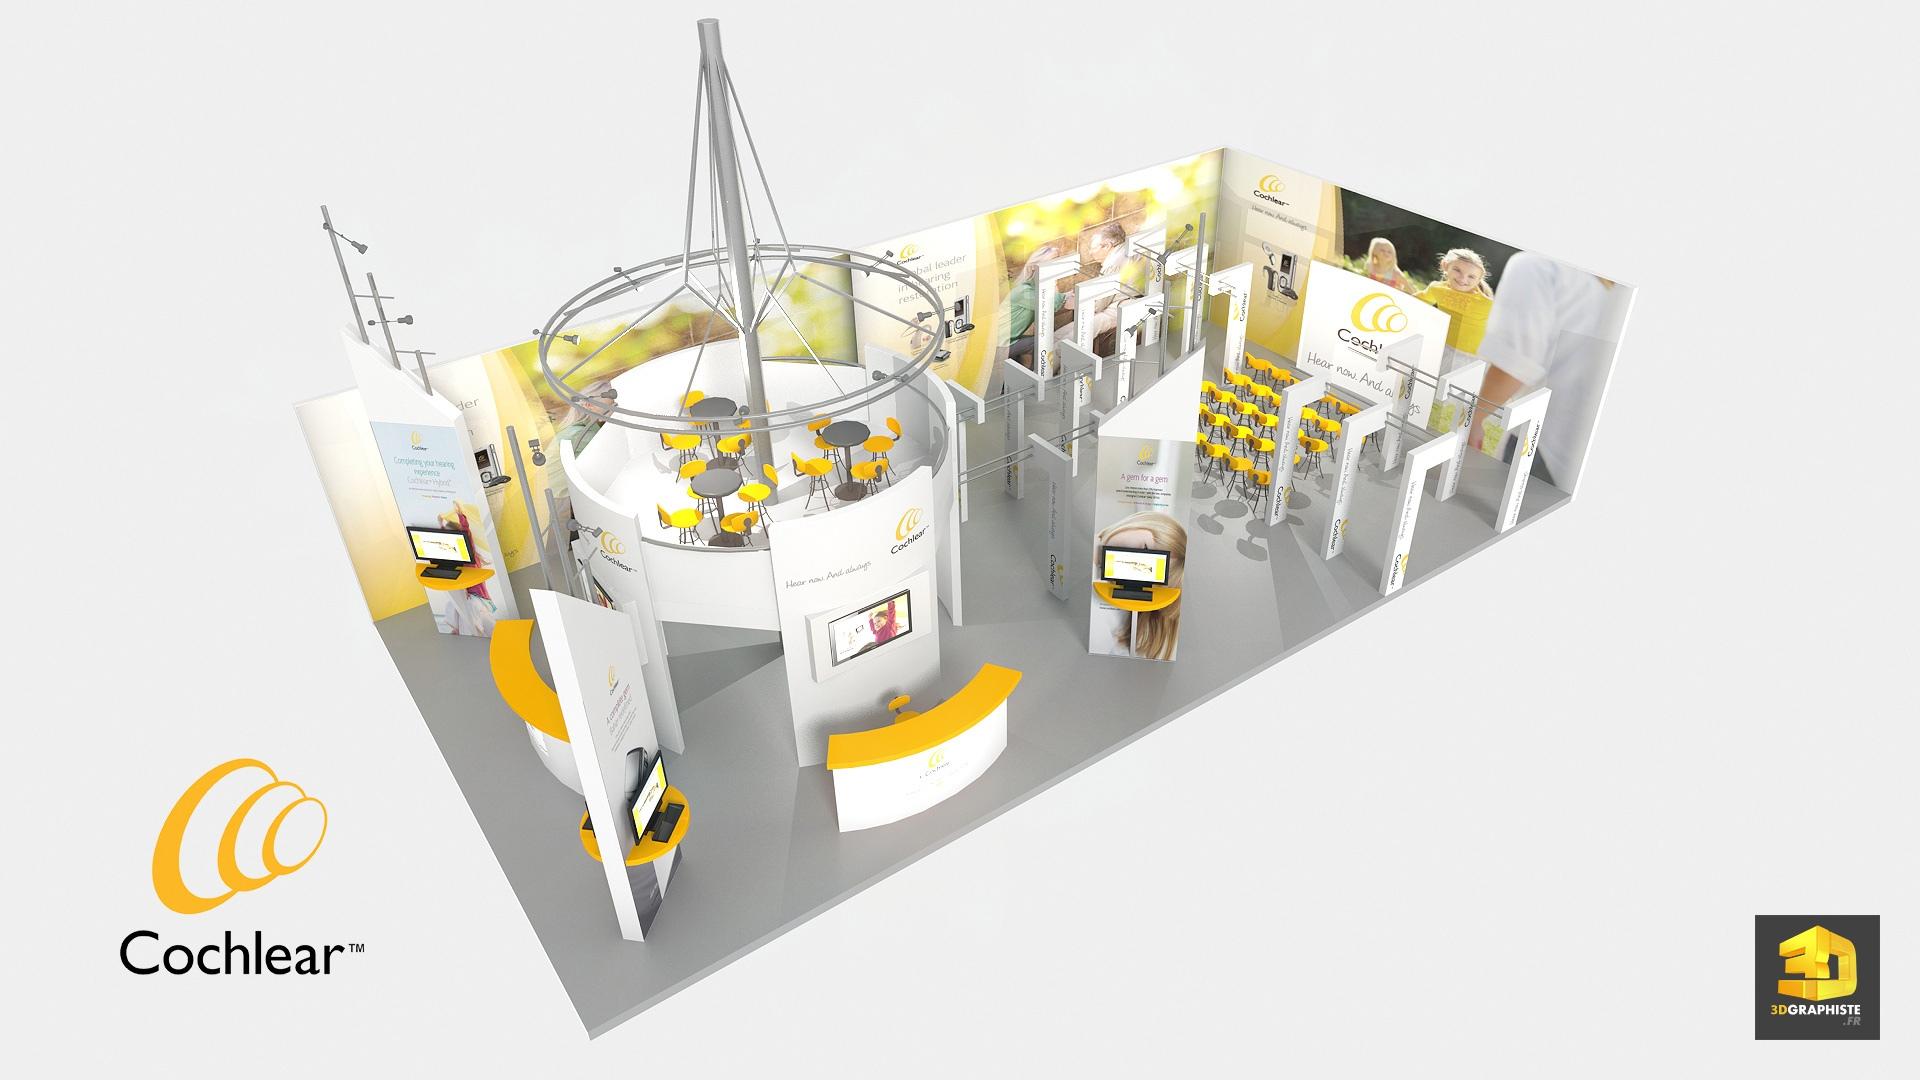 Top Design d'un stand d'exposition pour Cochlear - 3DGRAPHISTE.FR KC07